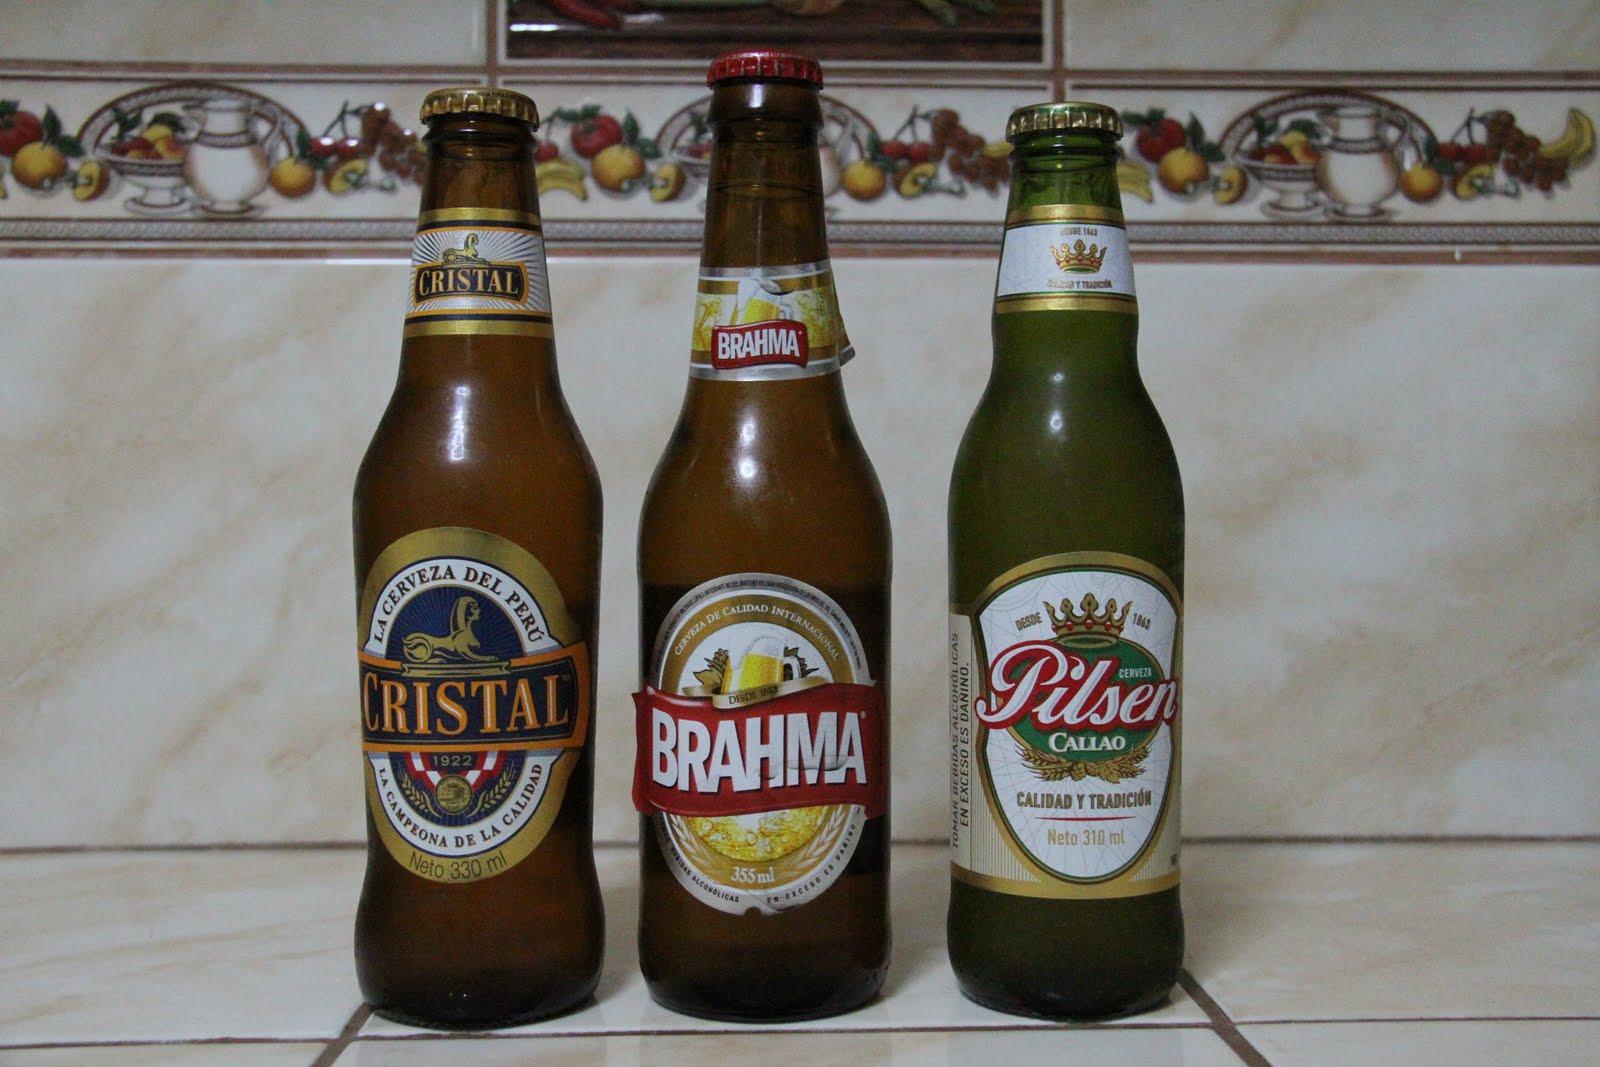 クスコに死す: ペルー ビール飲み比べ6種類:ペルー生活・マチュピチュ...  ペルー ビール飲